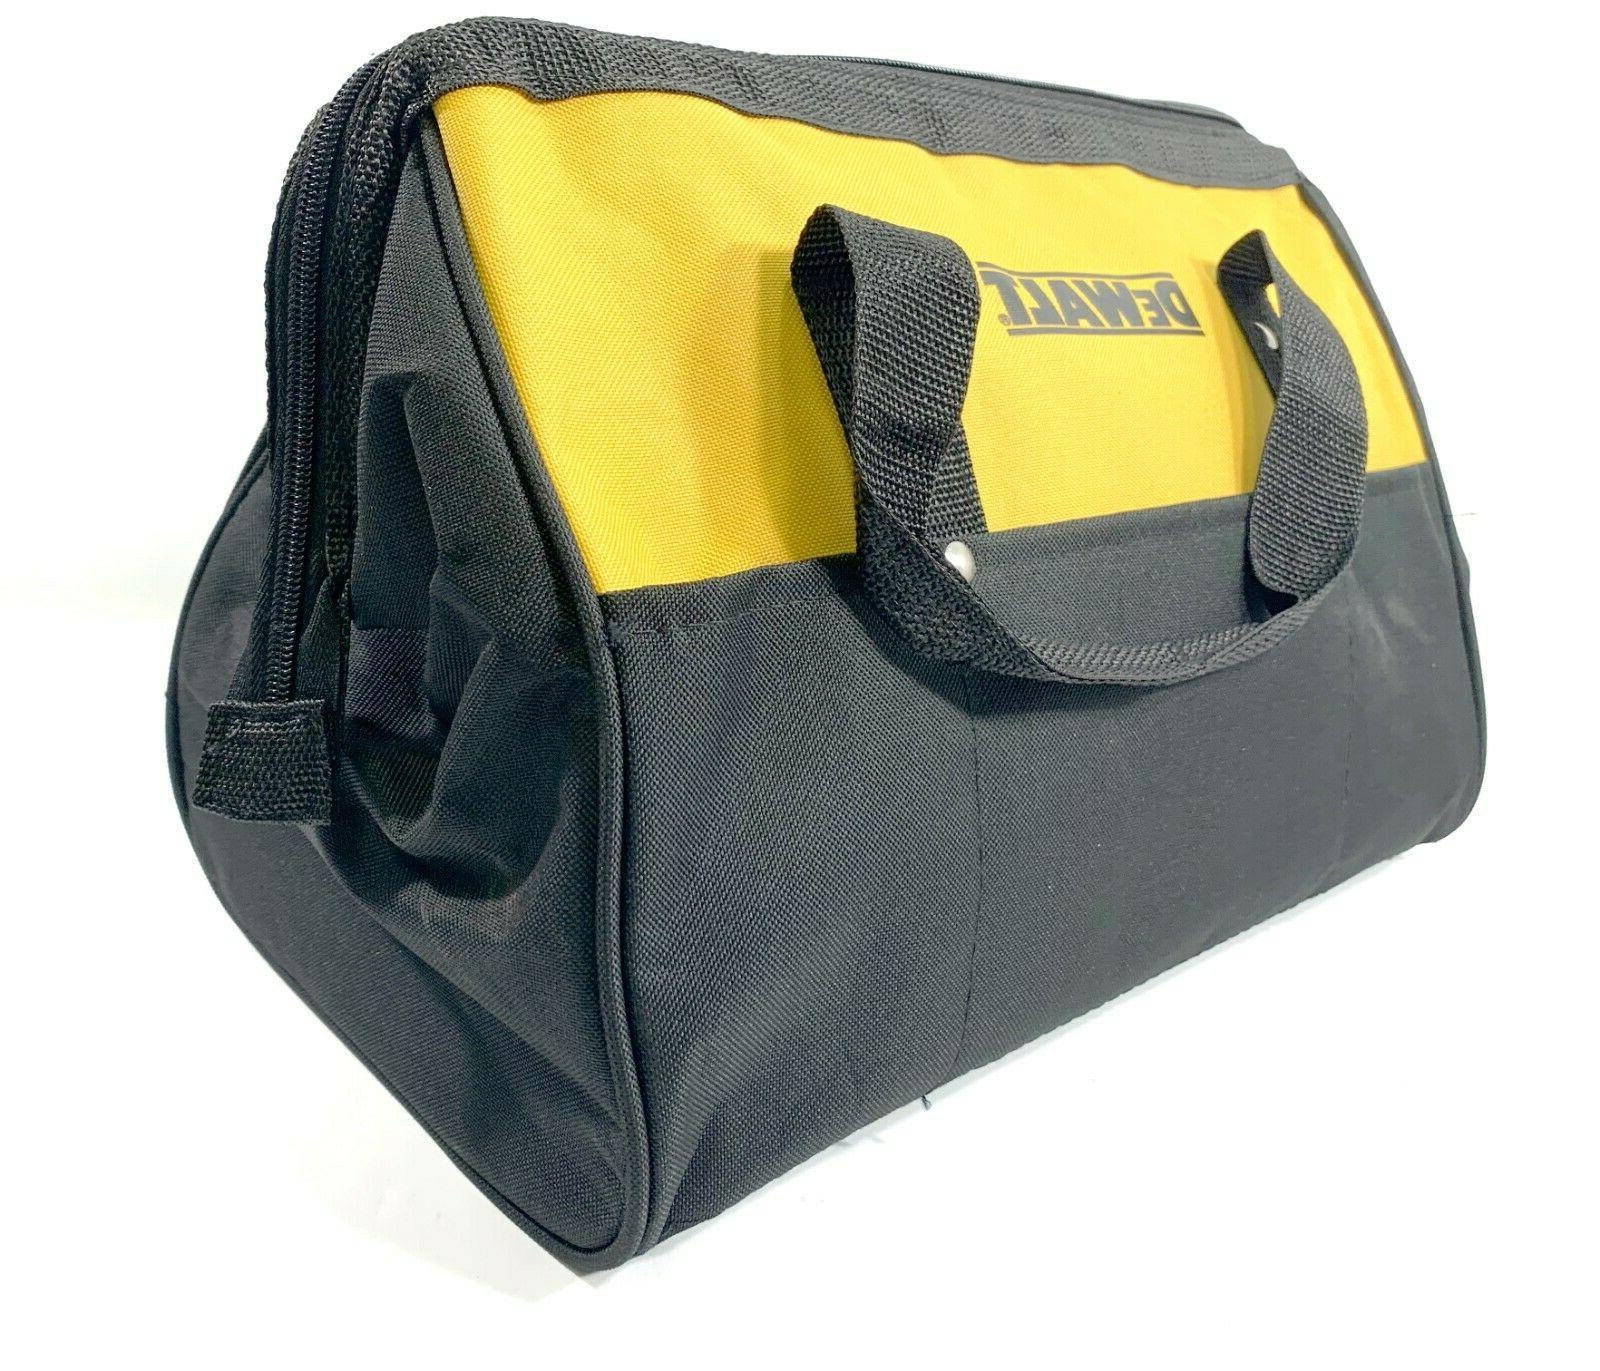 Dewalt Heavy Ballistic Nylon Bag x 11 x w/